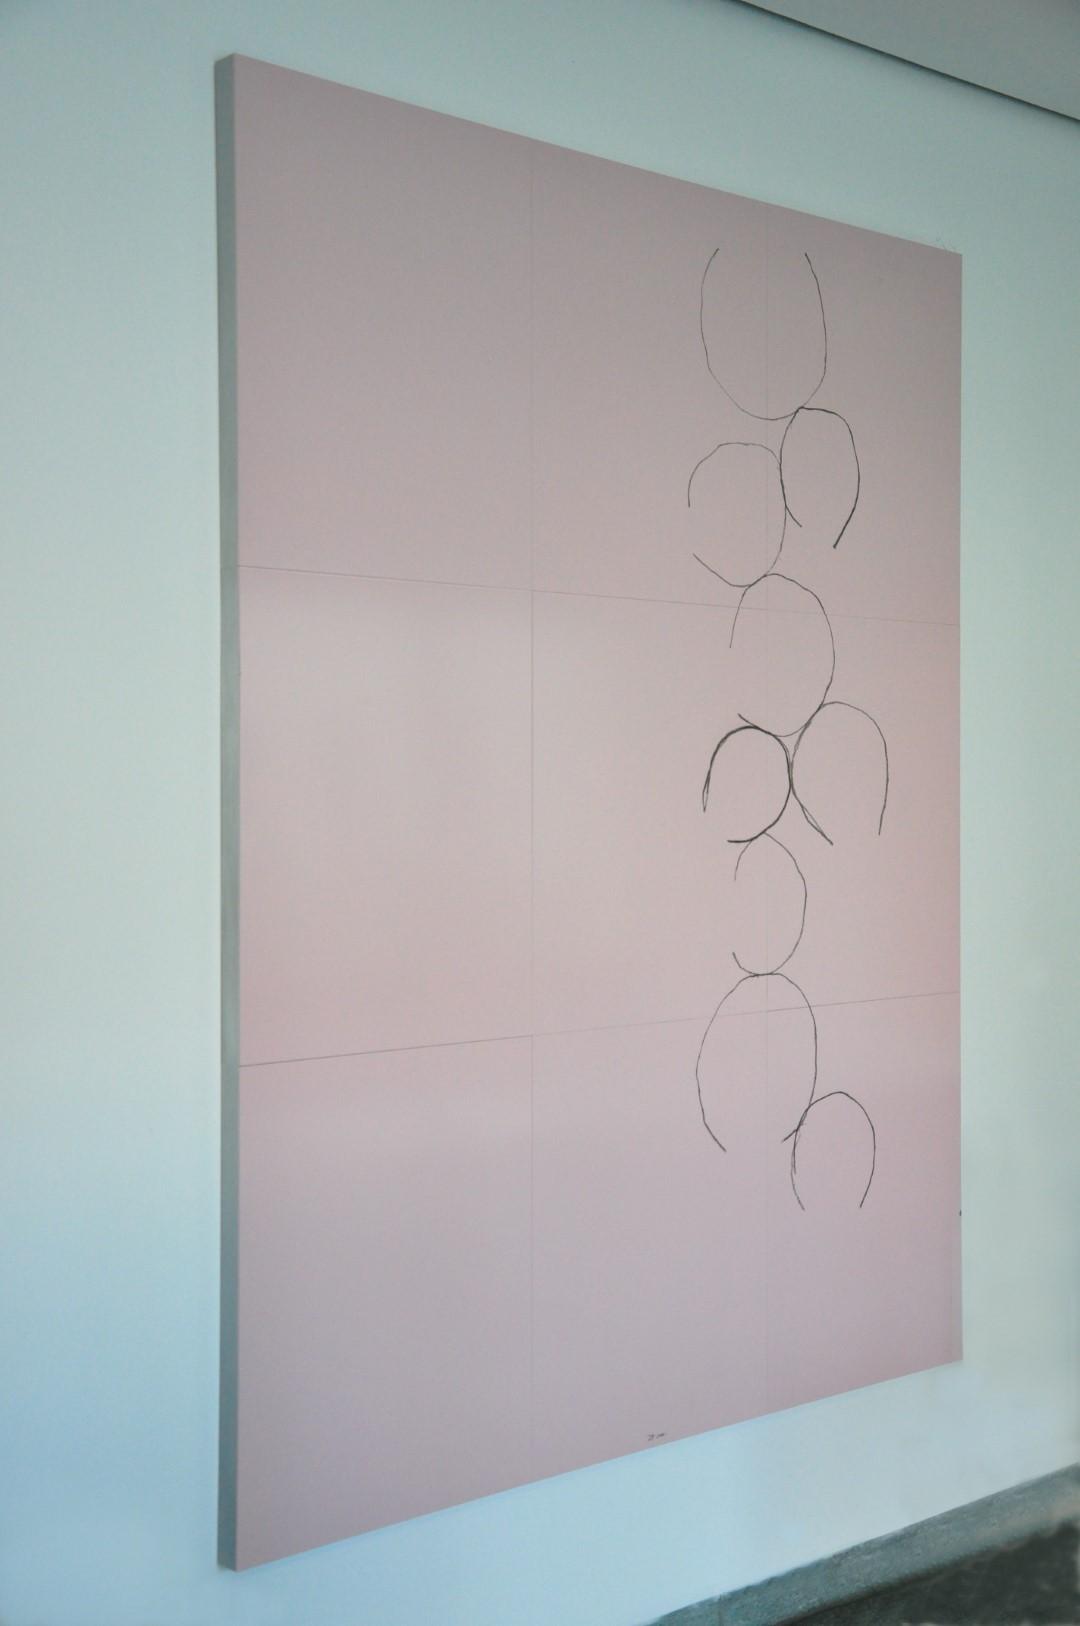 Erstes Bild aus der Ausstellung 'Dreiklang' von Jürgen Partenheimer in Berlin